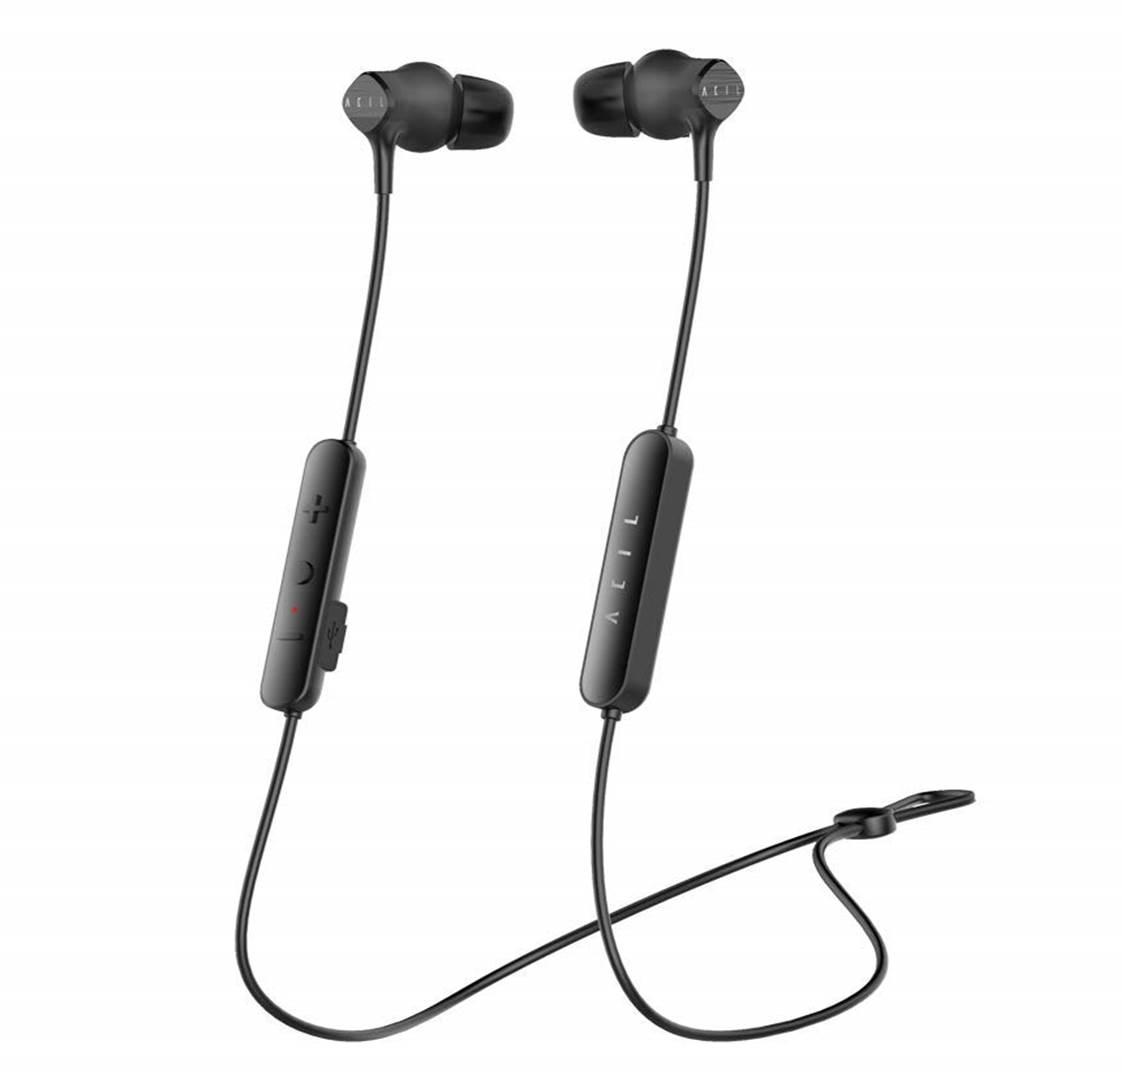 ACIL Wireless In Ear Monitors